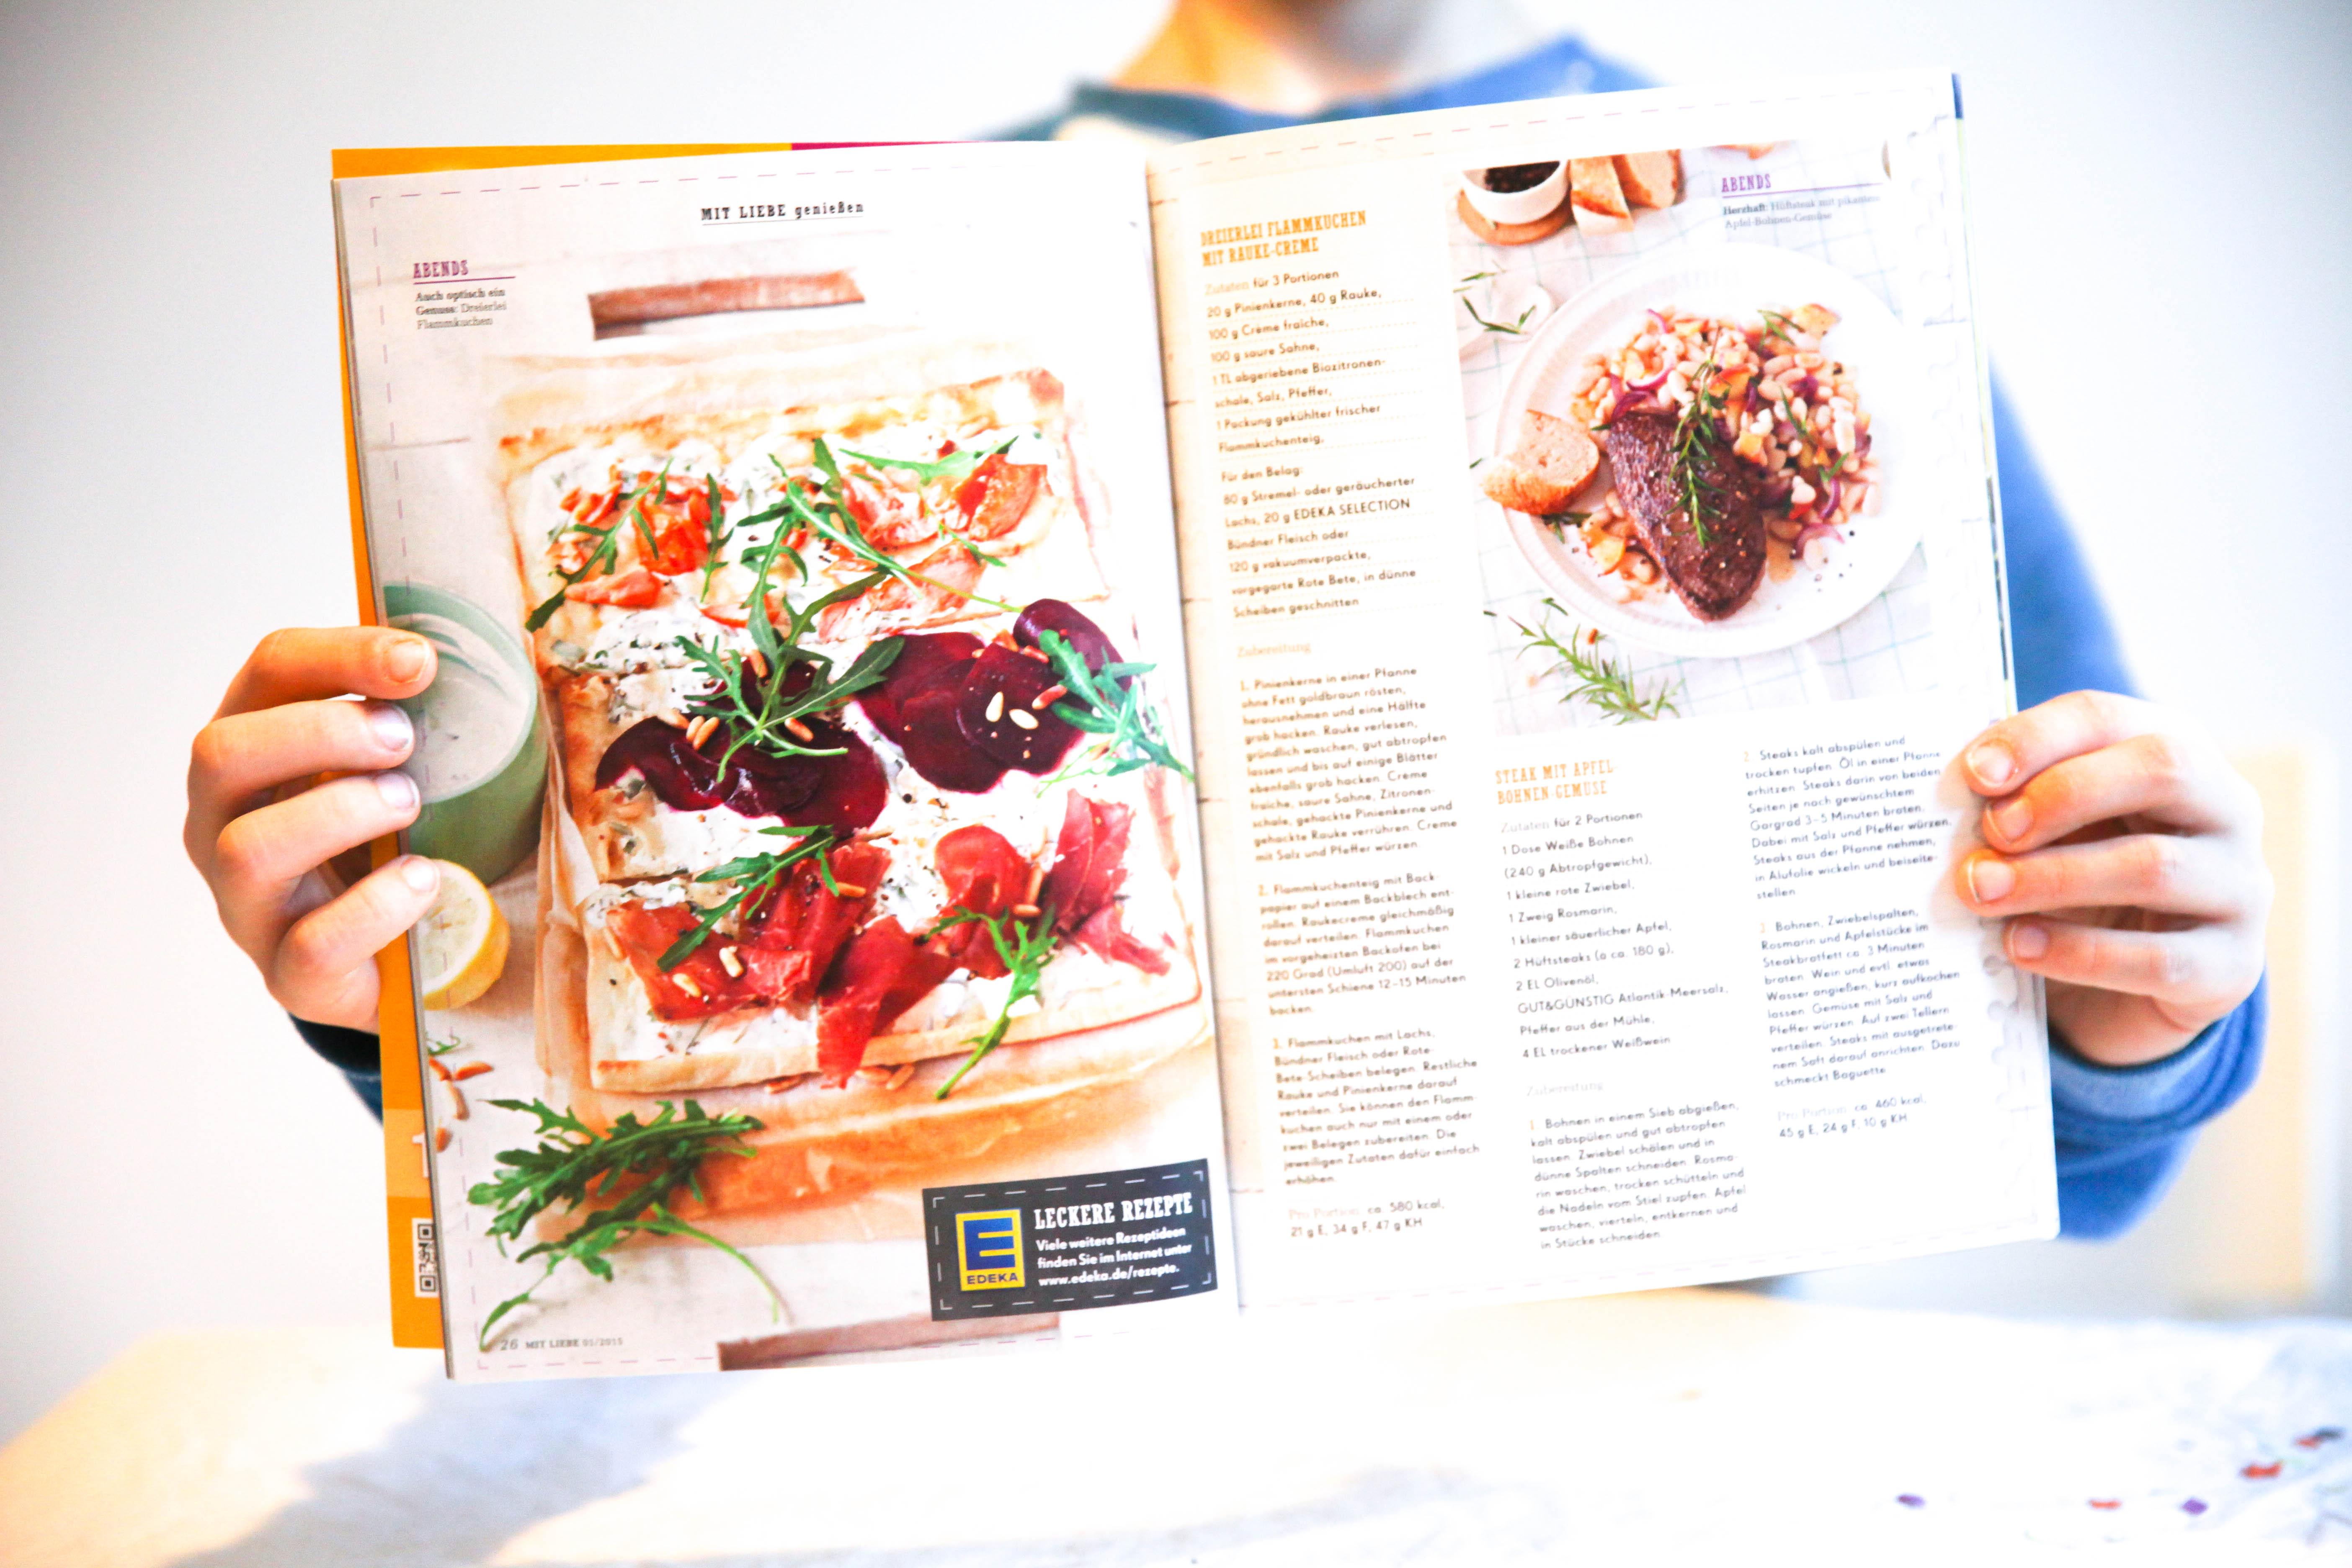 EDEKA Mit Liebe Lieblingsseite Artisan Küchenmaschine KitchenAid Gewinnspiel